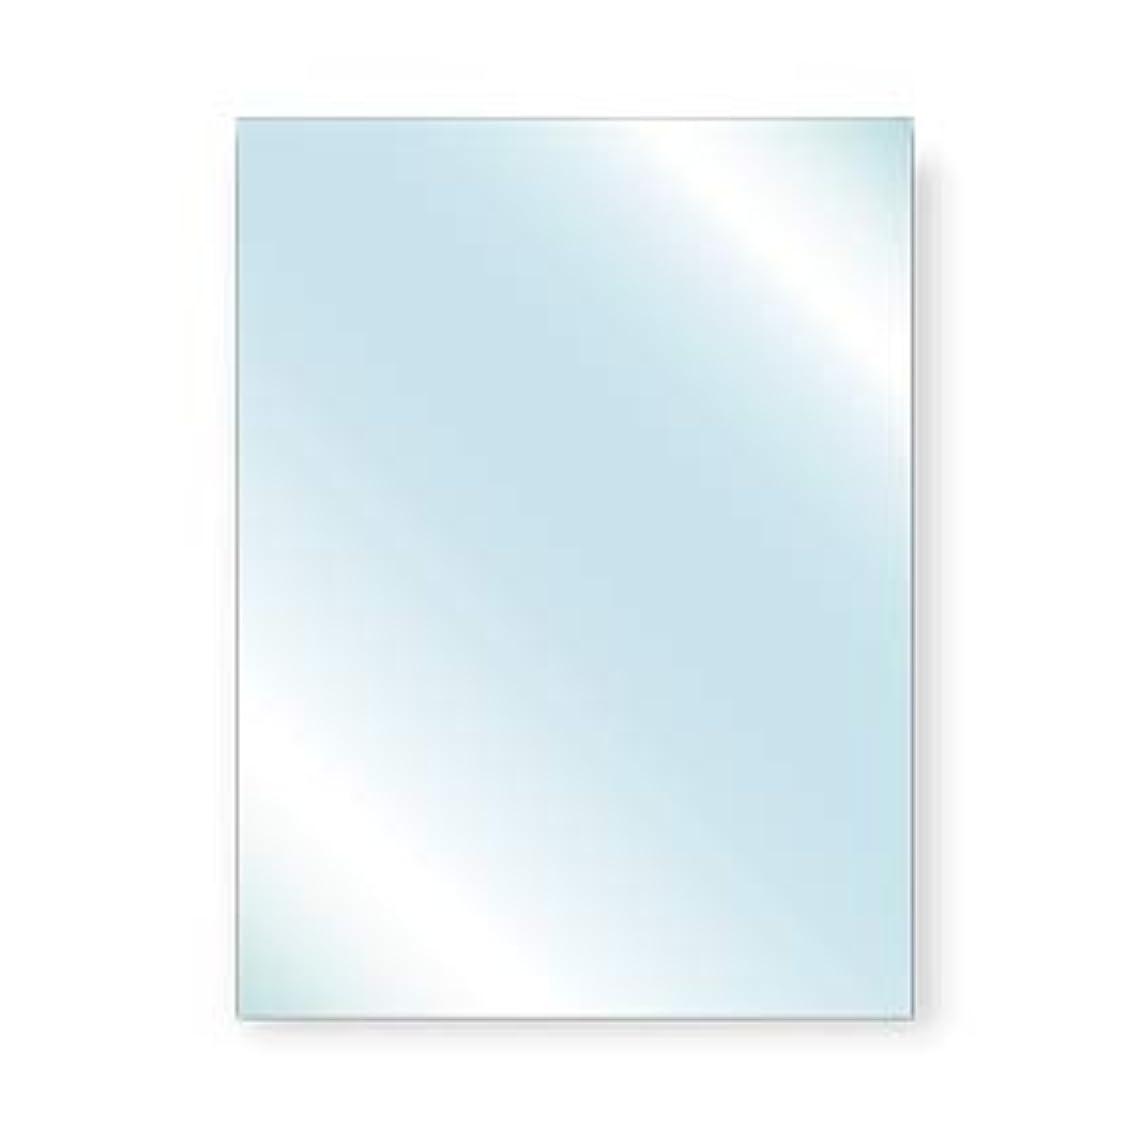 あごひげ小道具概してサイズオーダー対応可能 (500×900mm) 四角形 透明ガラス 厚み5mm 10サイズから選べる / フロートガラス 普通ガラス ソーダガラス 透明硝子 四角ガラス 四角 青板 普通 透明 ガラス 硝子 ガラス板 板ガラス 硝子板 板硝子 DIY 素材